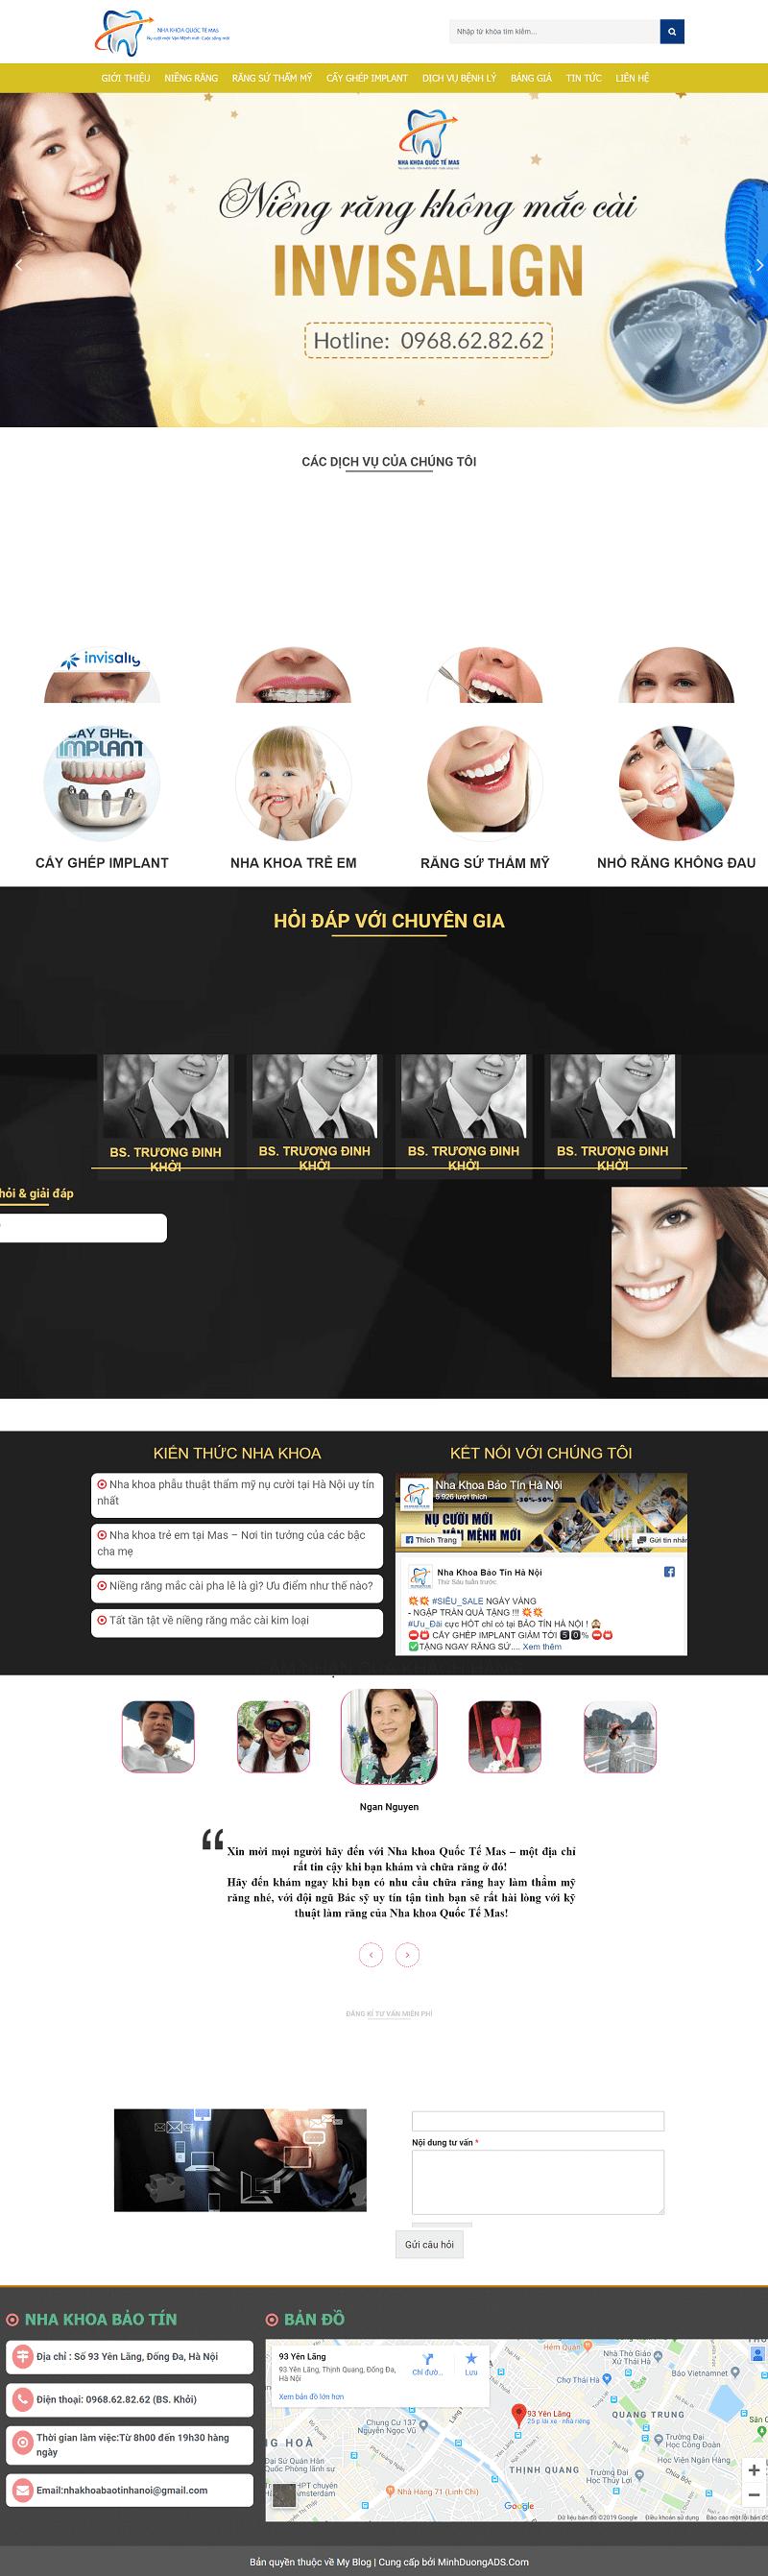 Thiết kế web nha khoa quốc tế mas